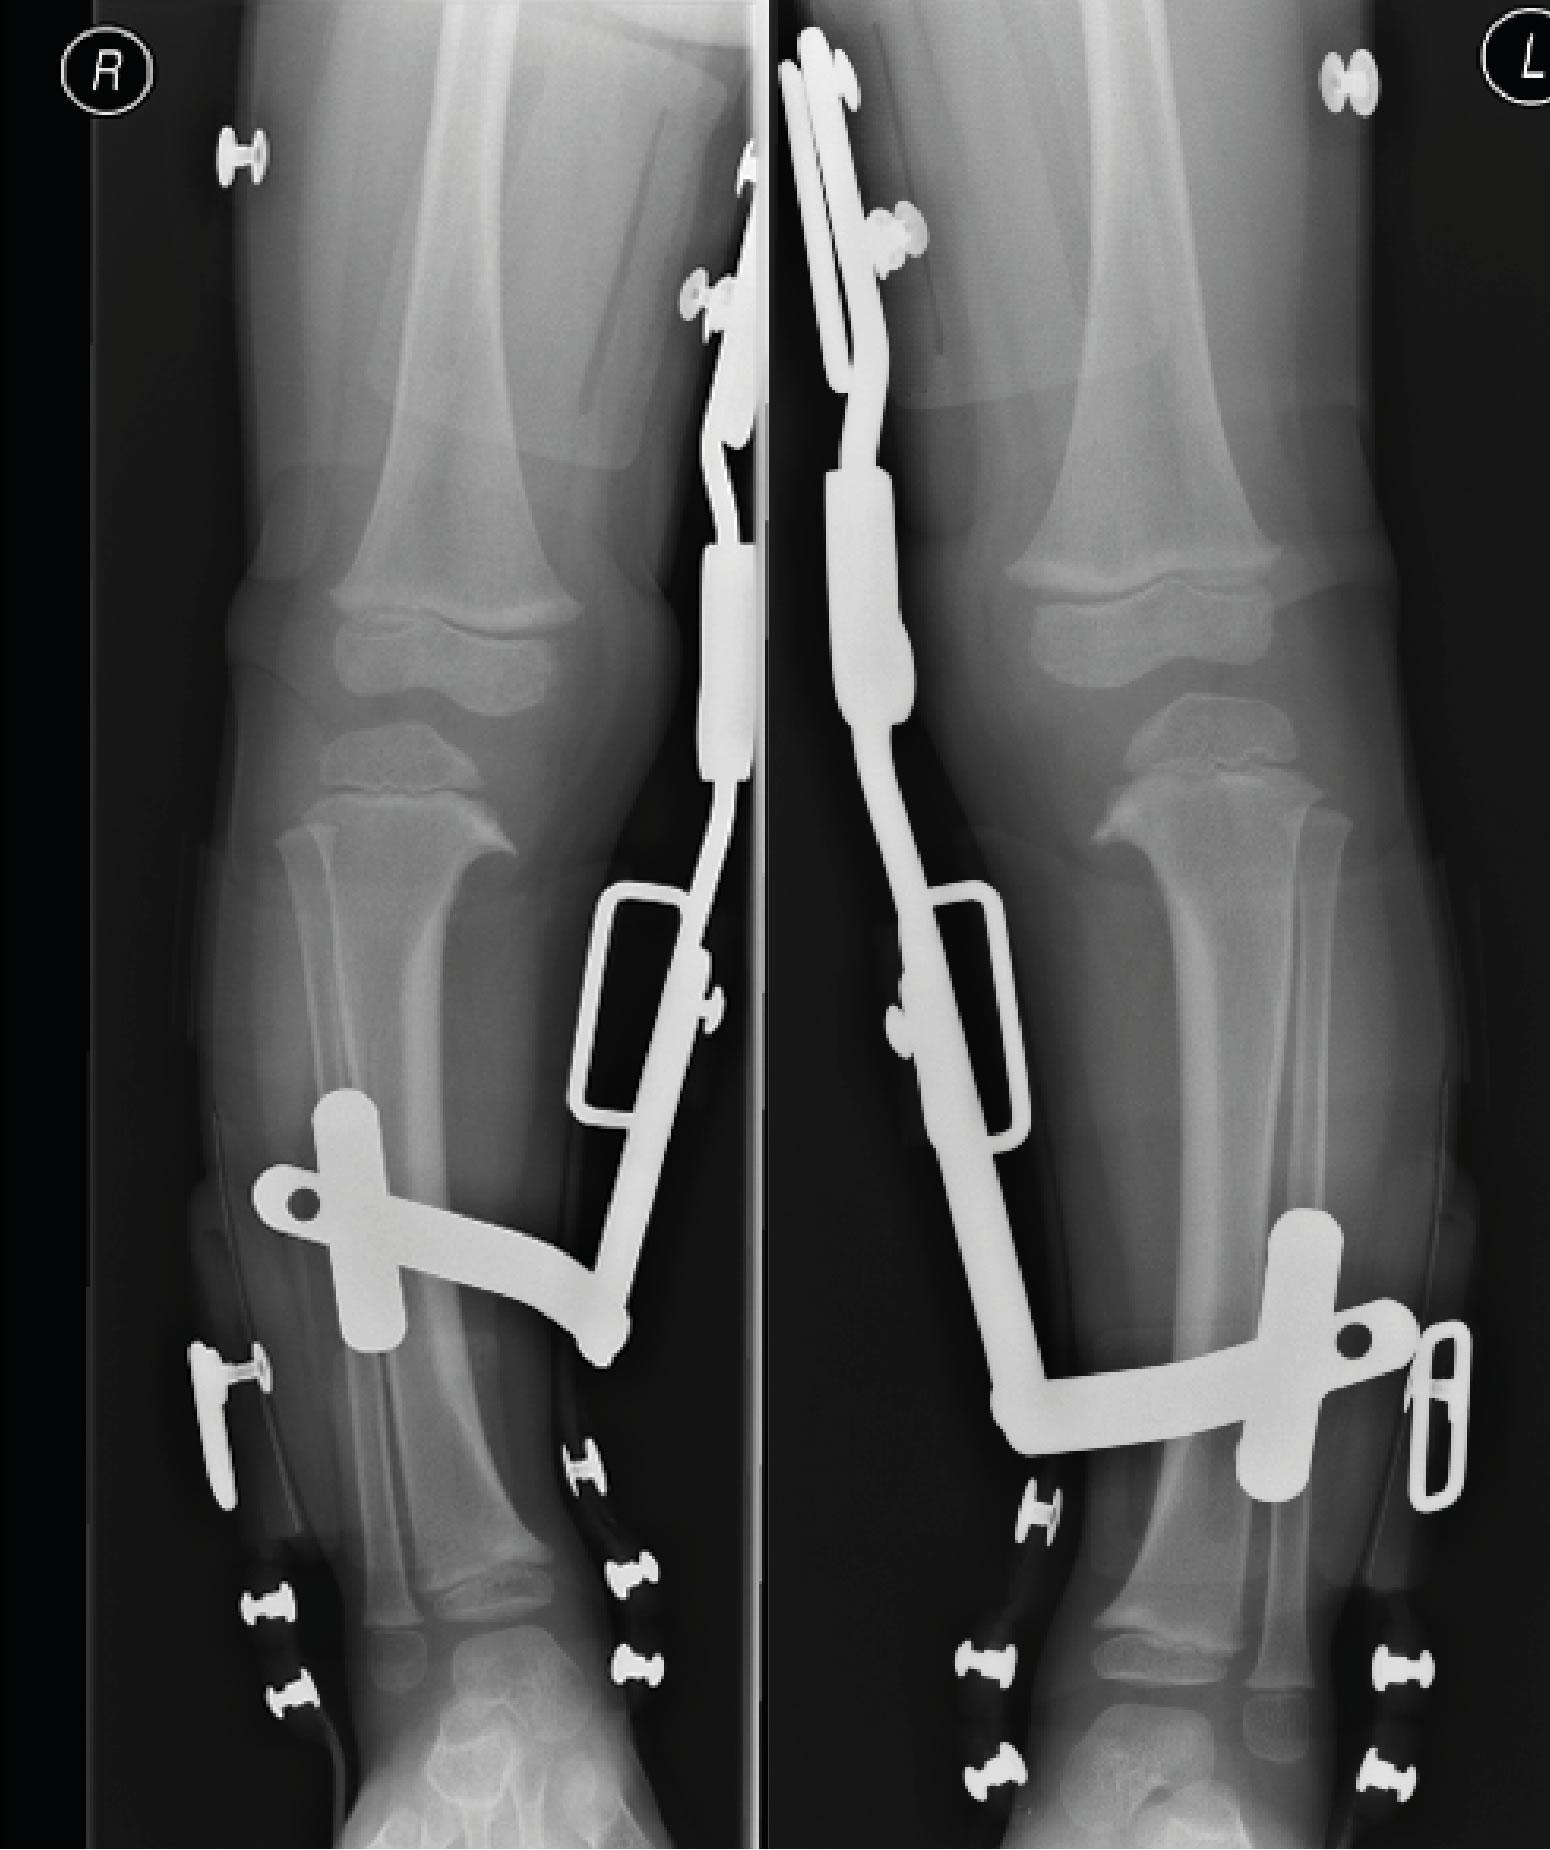 x-ray of legs in brace